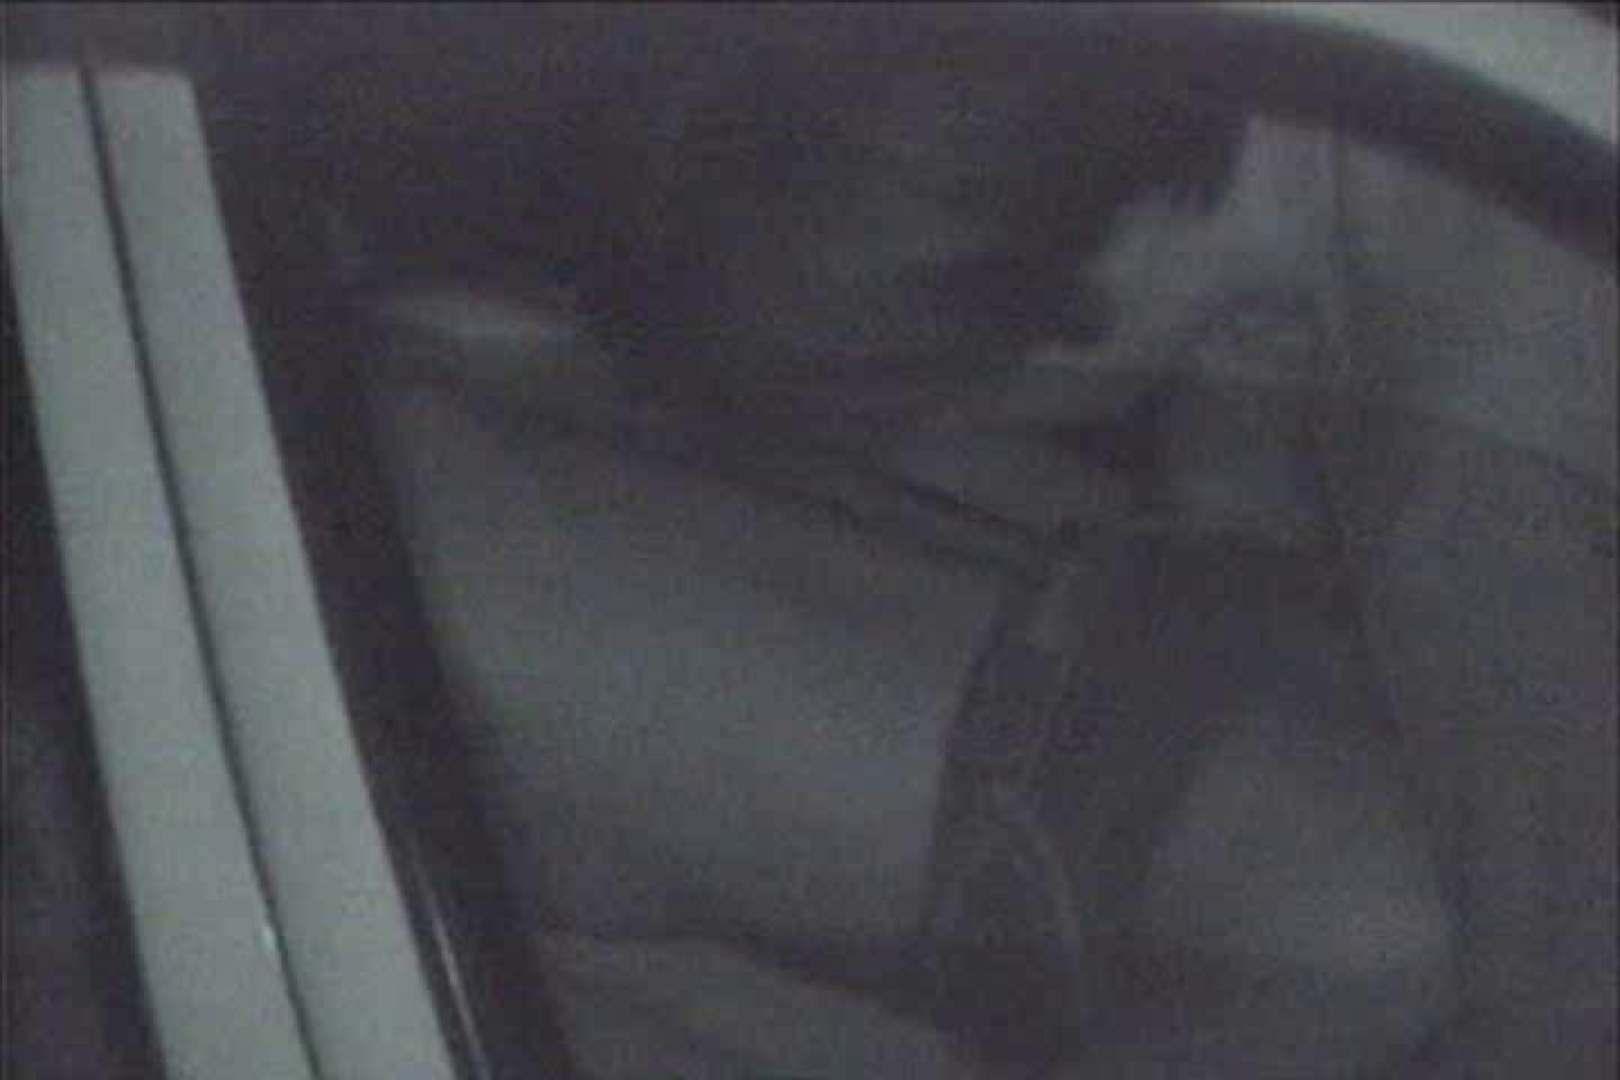 車の中はラブホテル 無修正版  Vol.18 喘ぎ娘 エロ画像 80連発 19